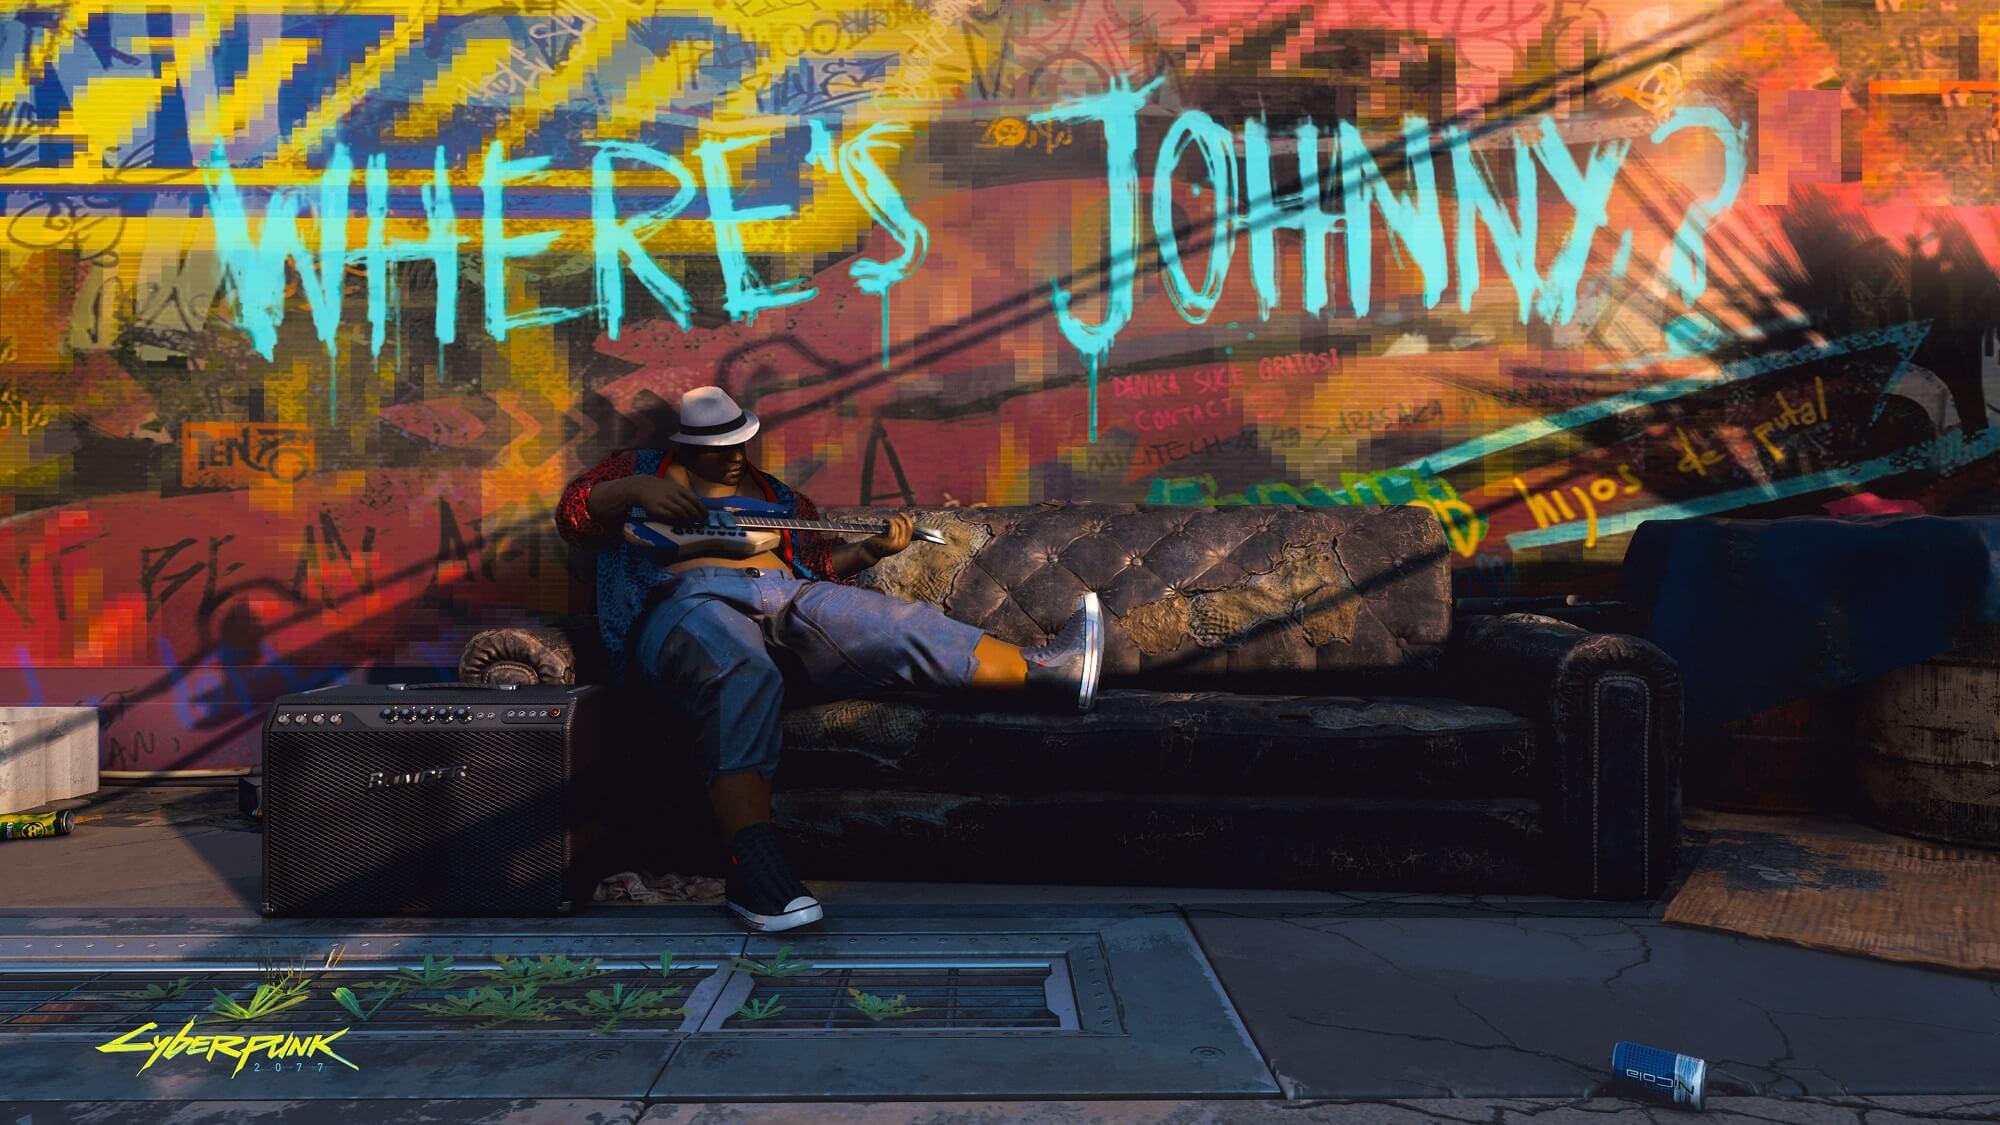 """Cyberpunk 2077: Musiker spielt Gitarre unter einem """"Where is Johnny"""" Grafiti"""